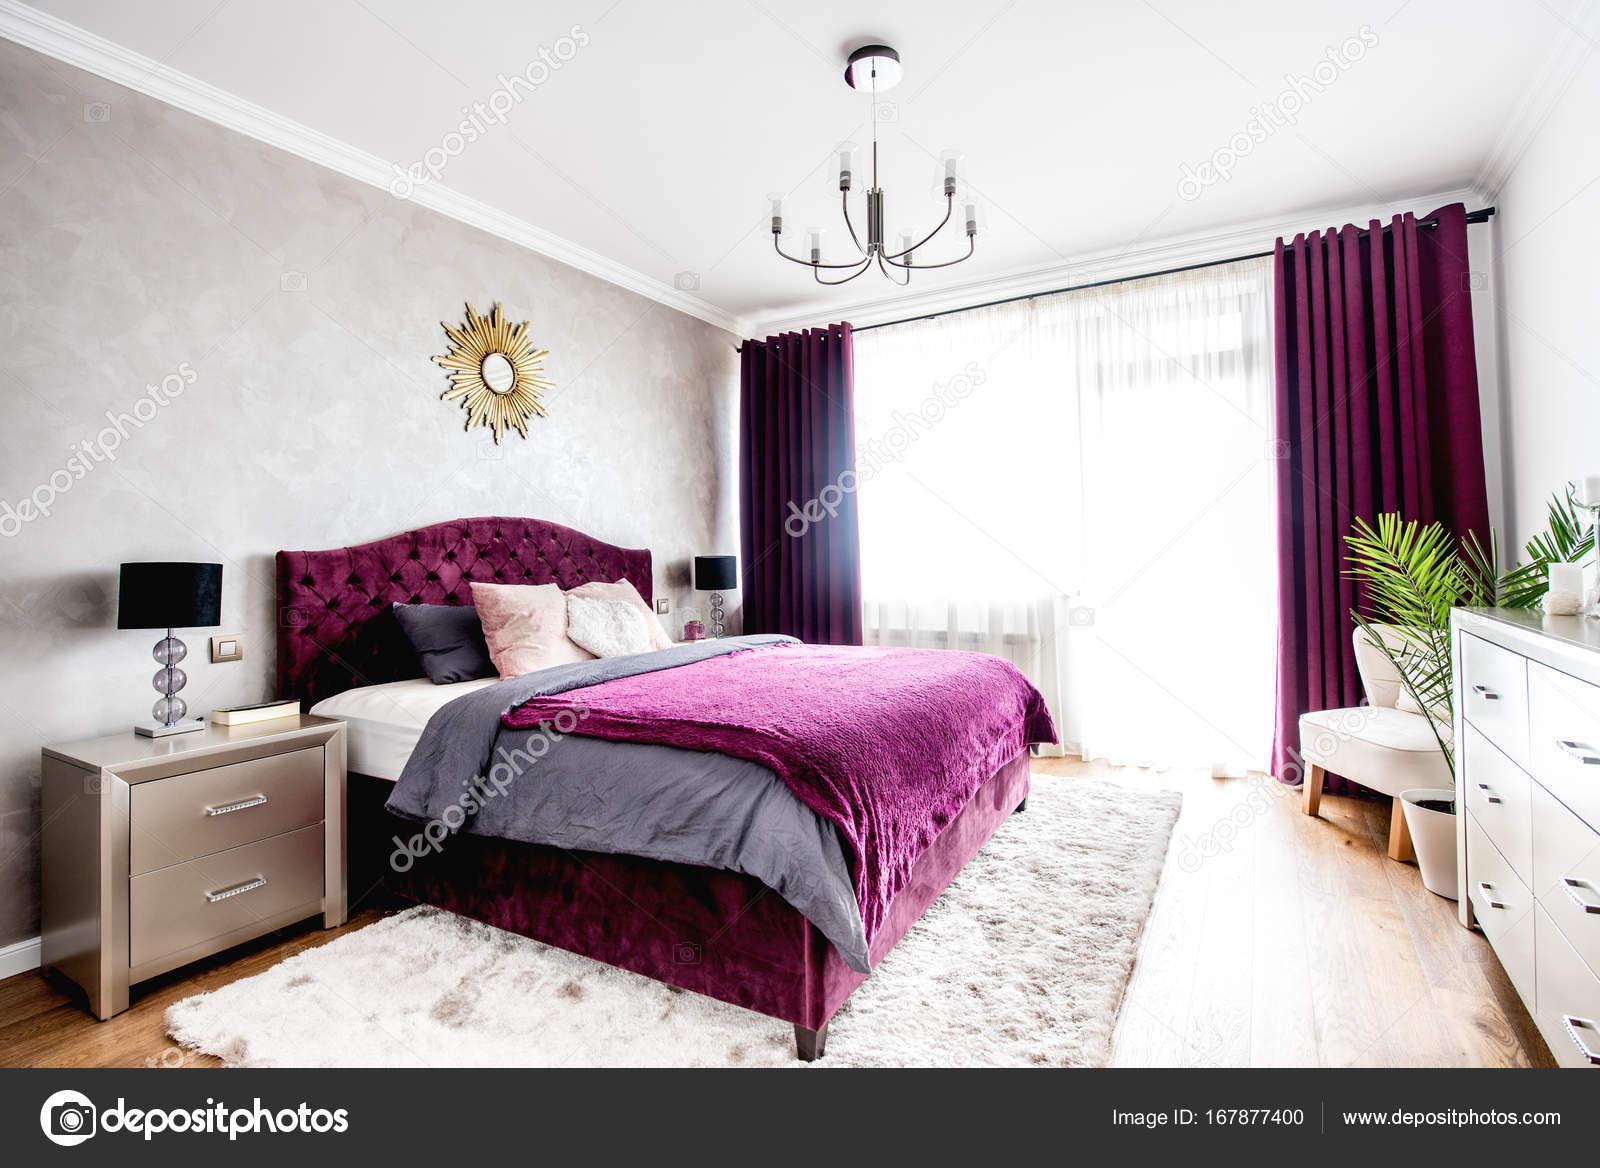 Interieur van de eenvoudige en stijlvolle slaapkamer met